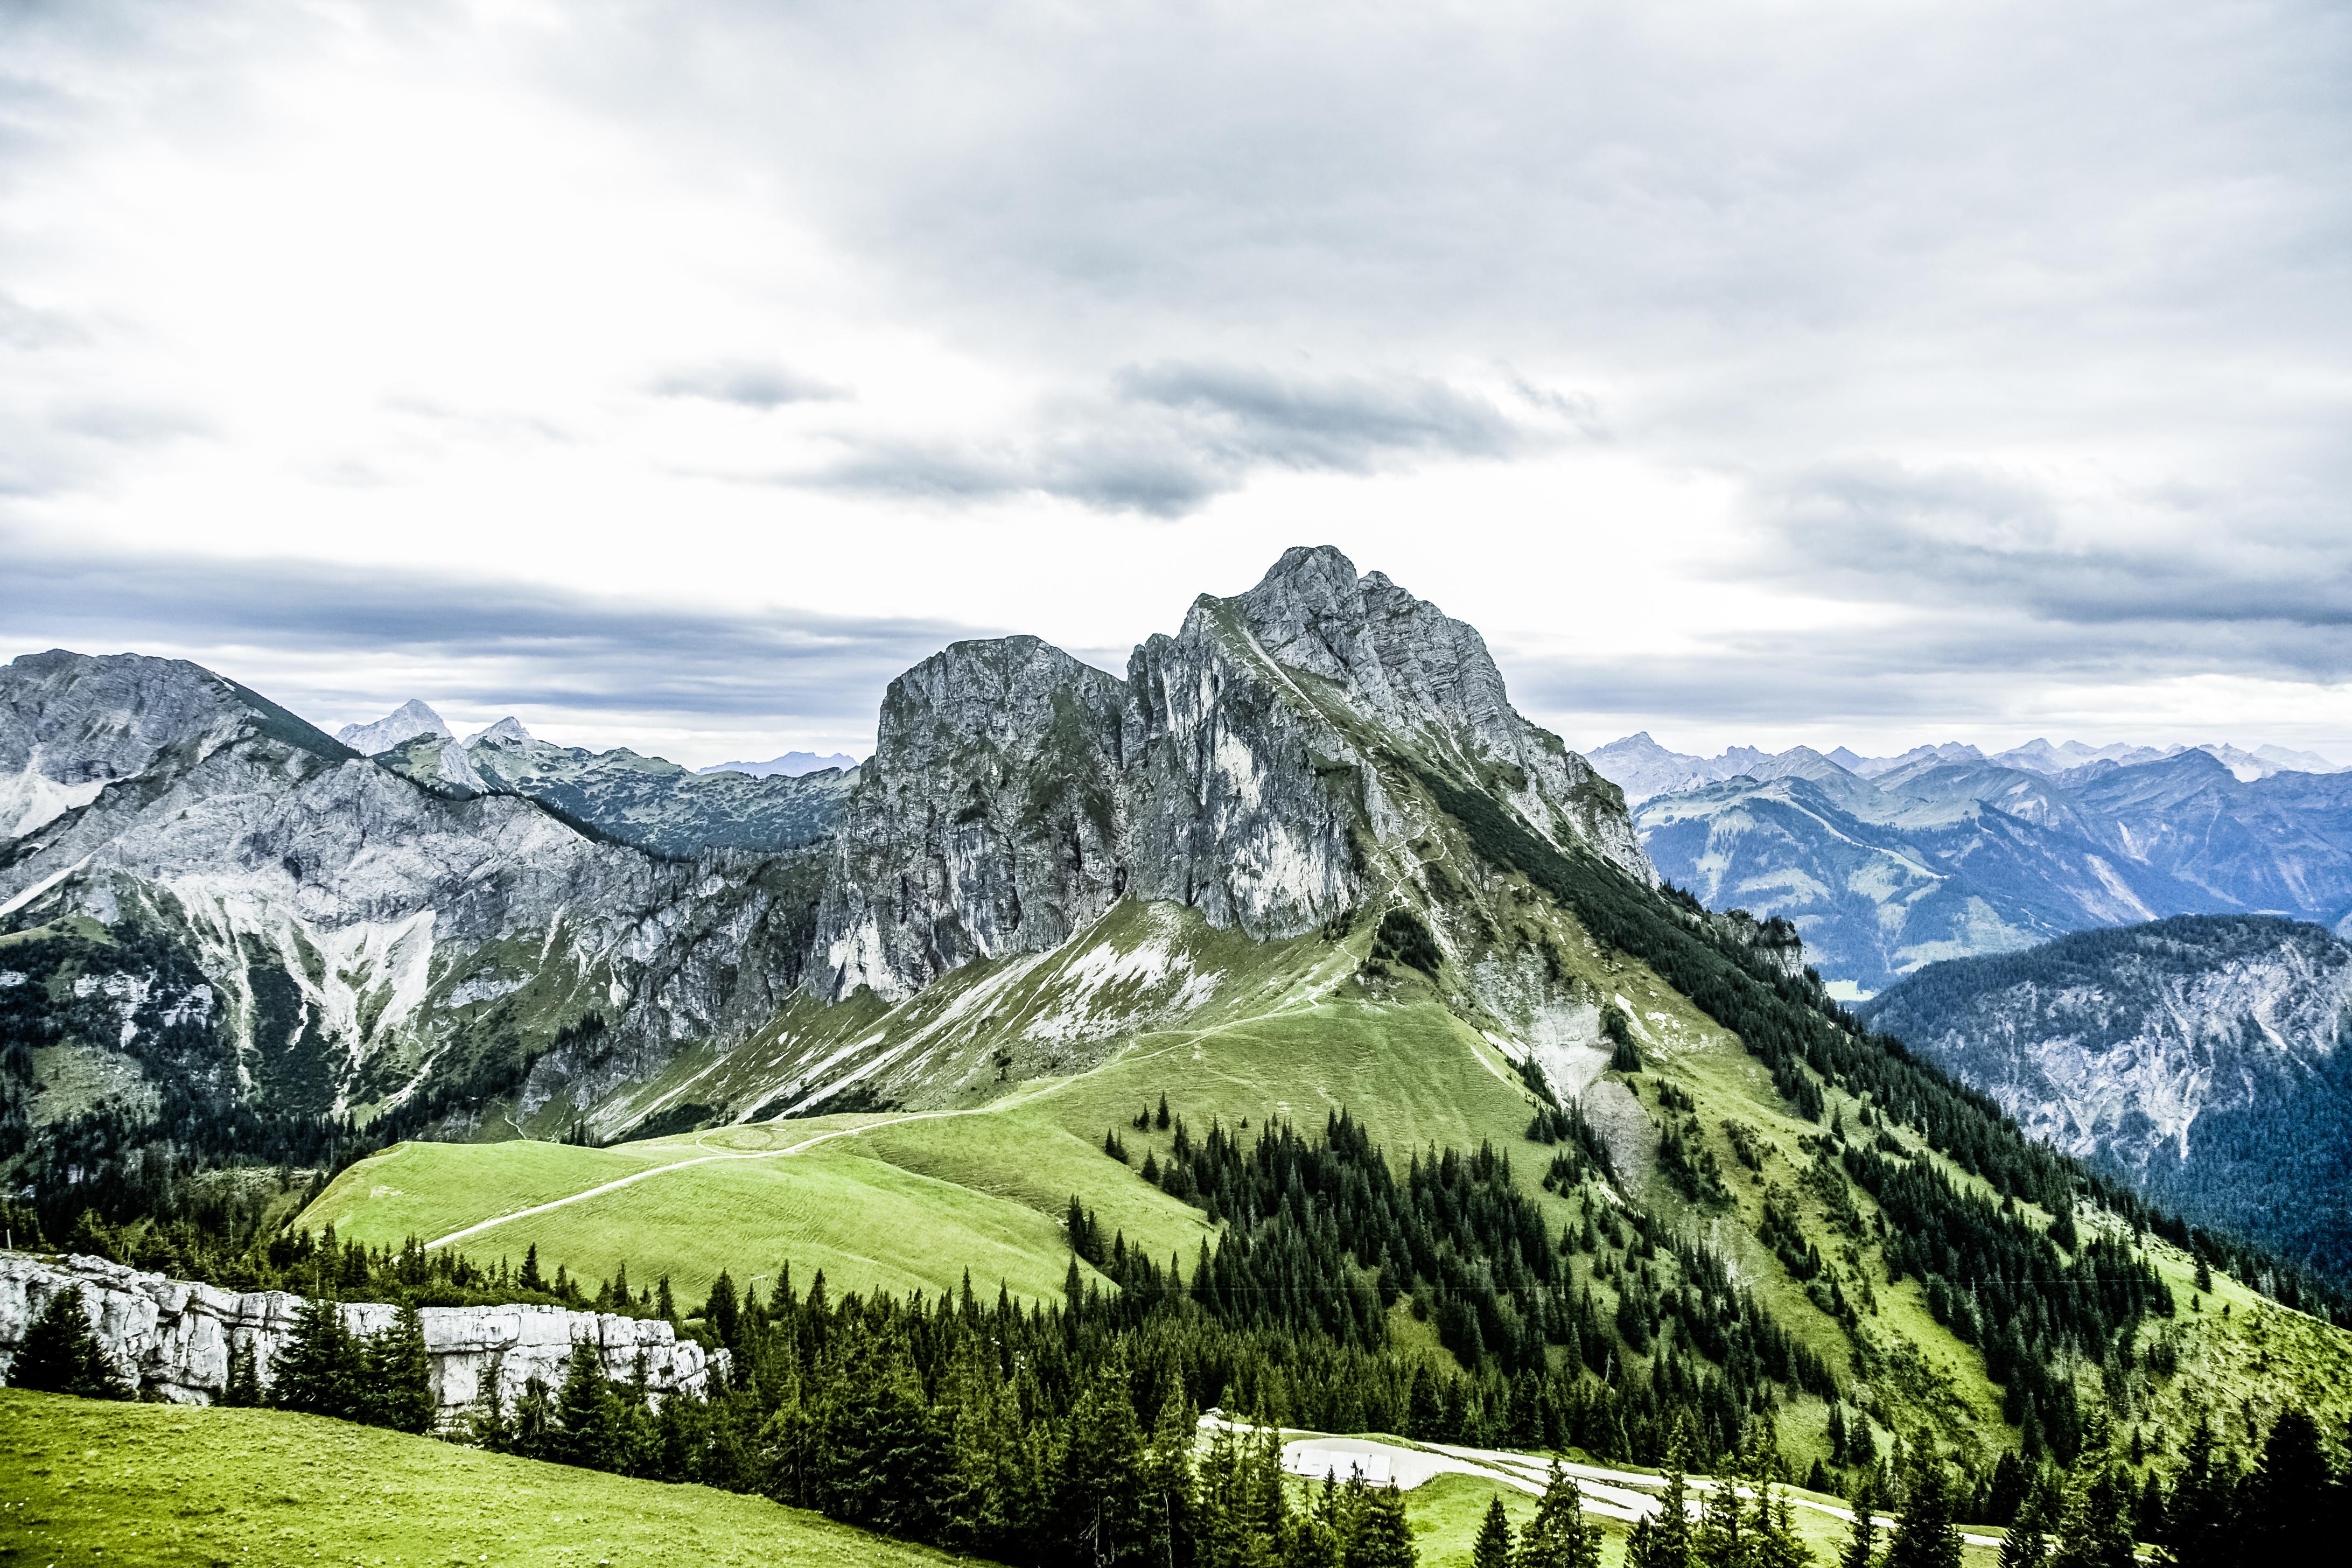 фото красивых пейзажей сверху своем